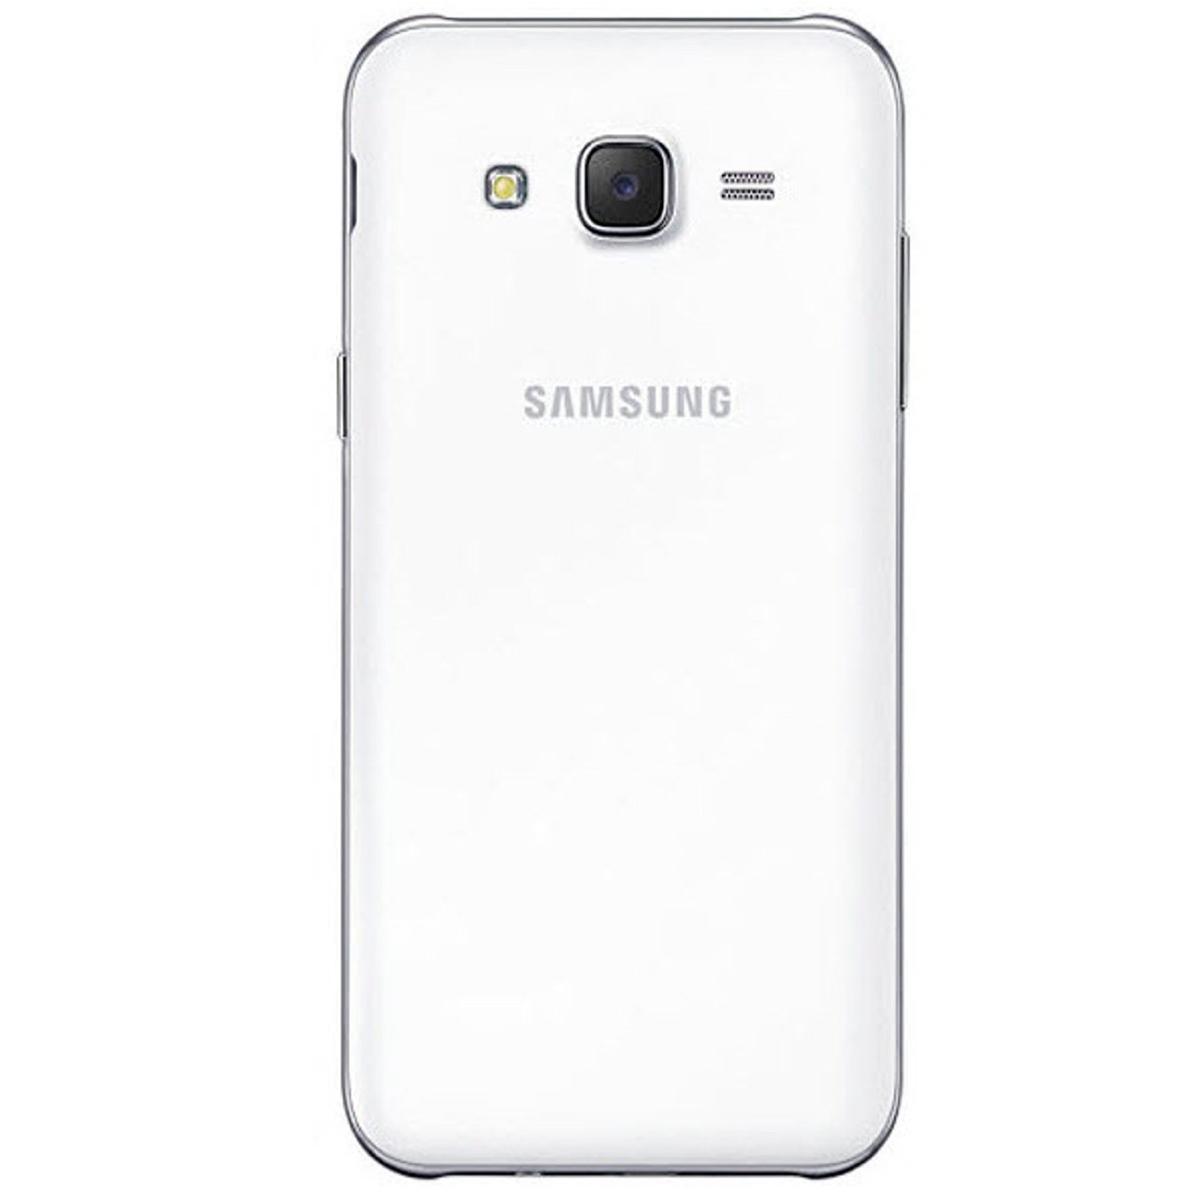 Samsung Galaxy J7 : Caracteristicas, precio, reviews y